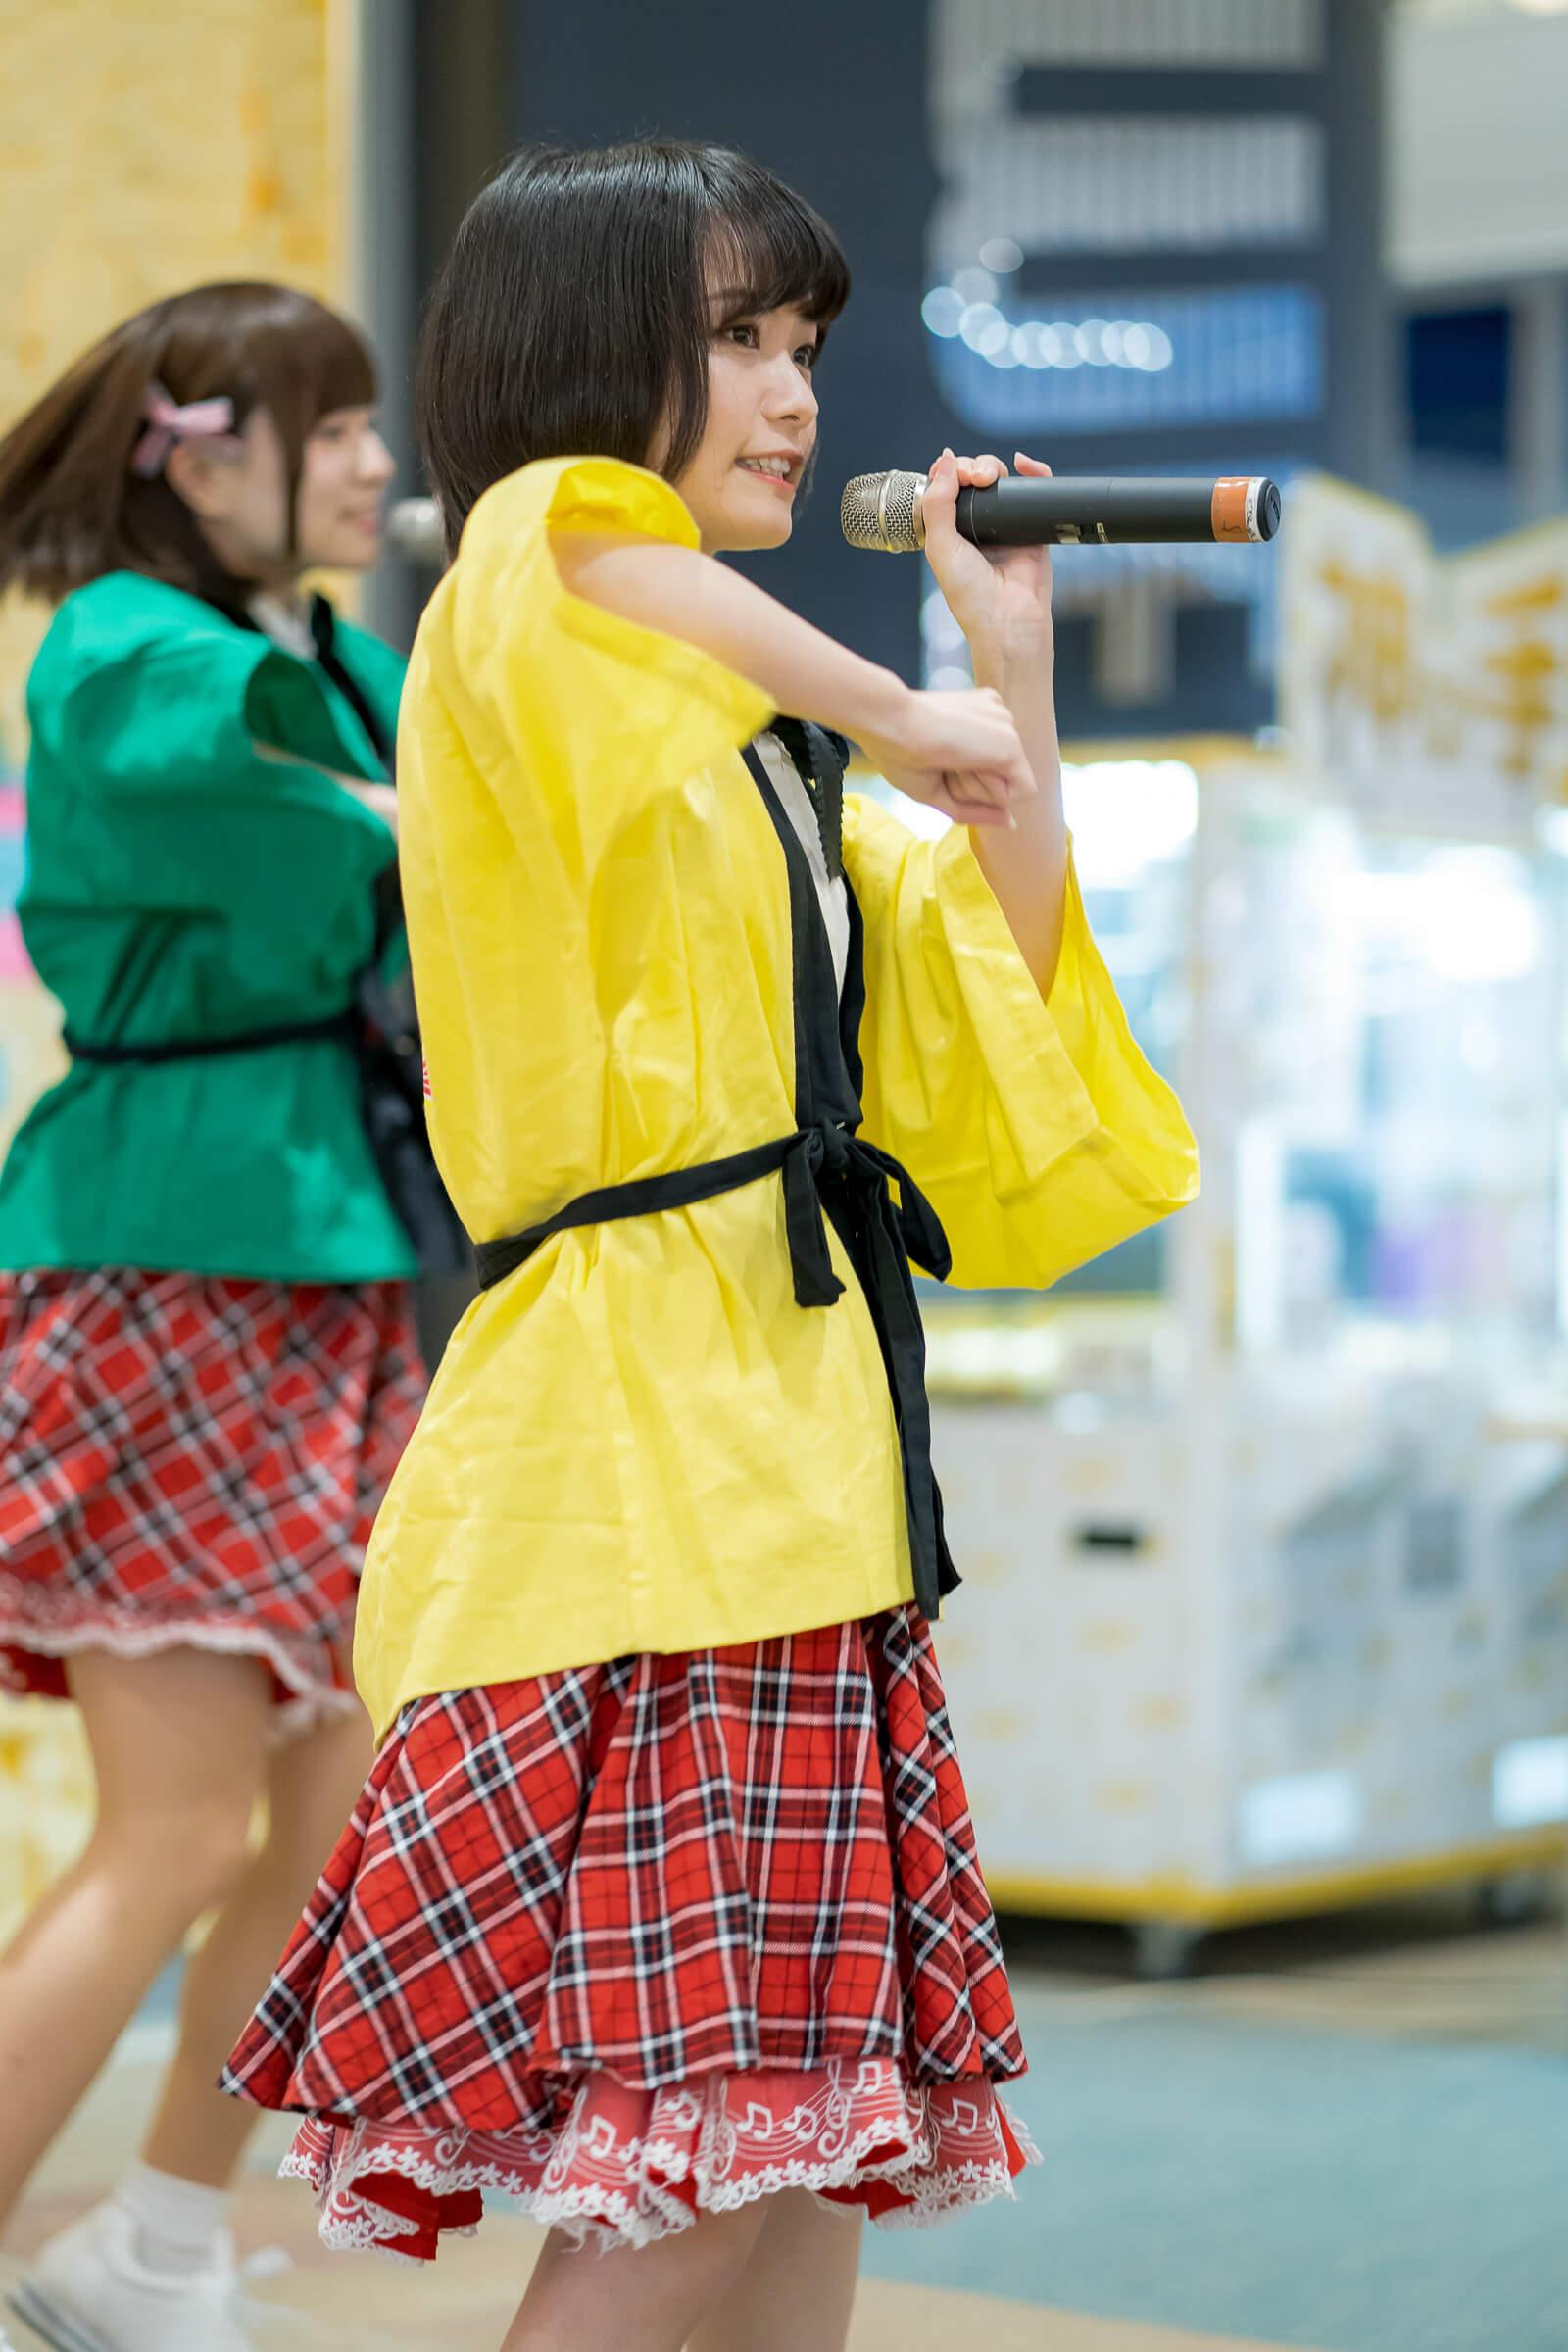 2代目HAPPY少女♪ みっちょ ( 本田みく ) | フルーティー♡メジャーシングル第2弾「FRONT LINER」リリースイベント